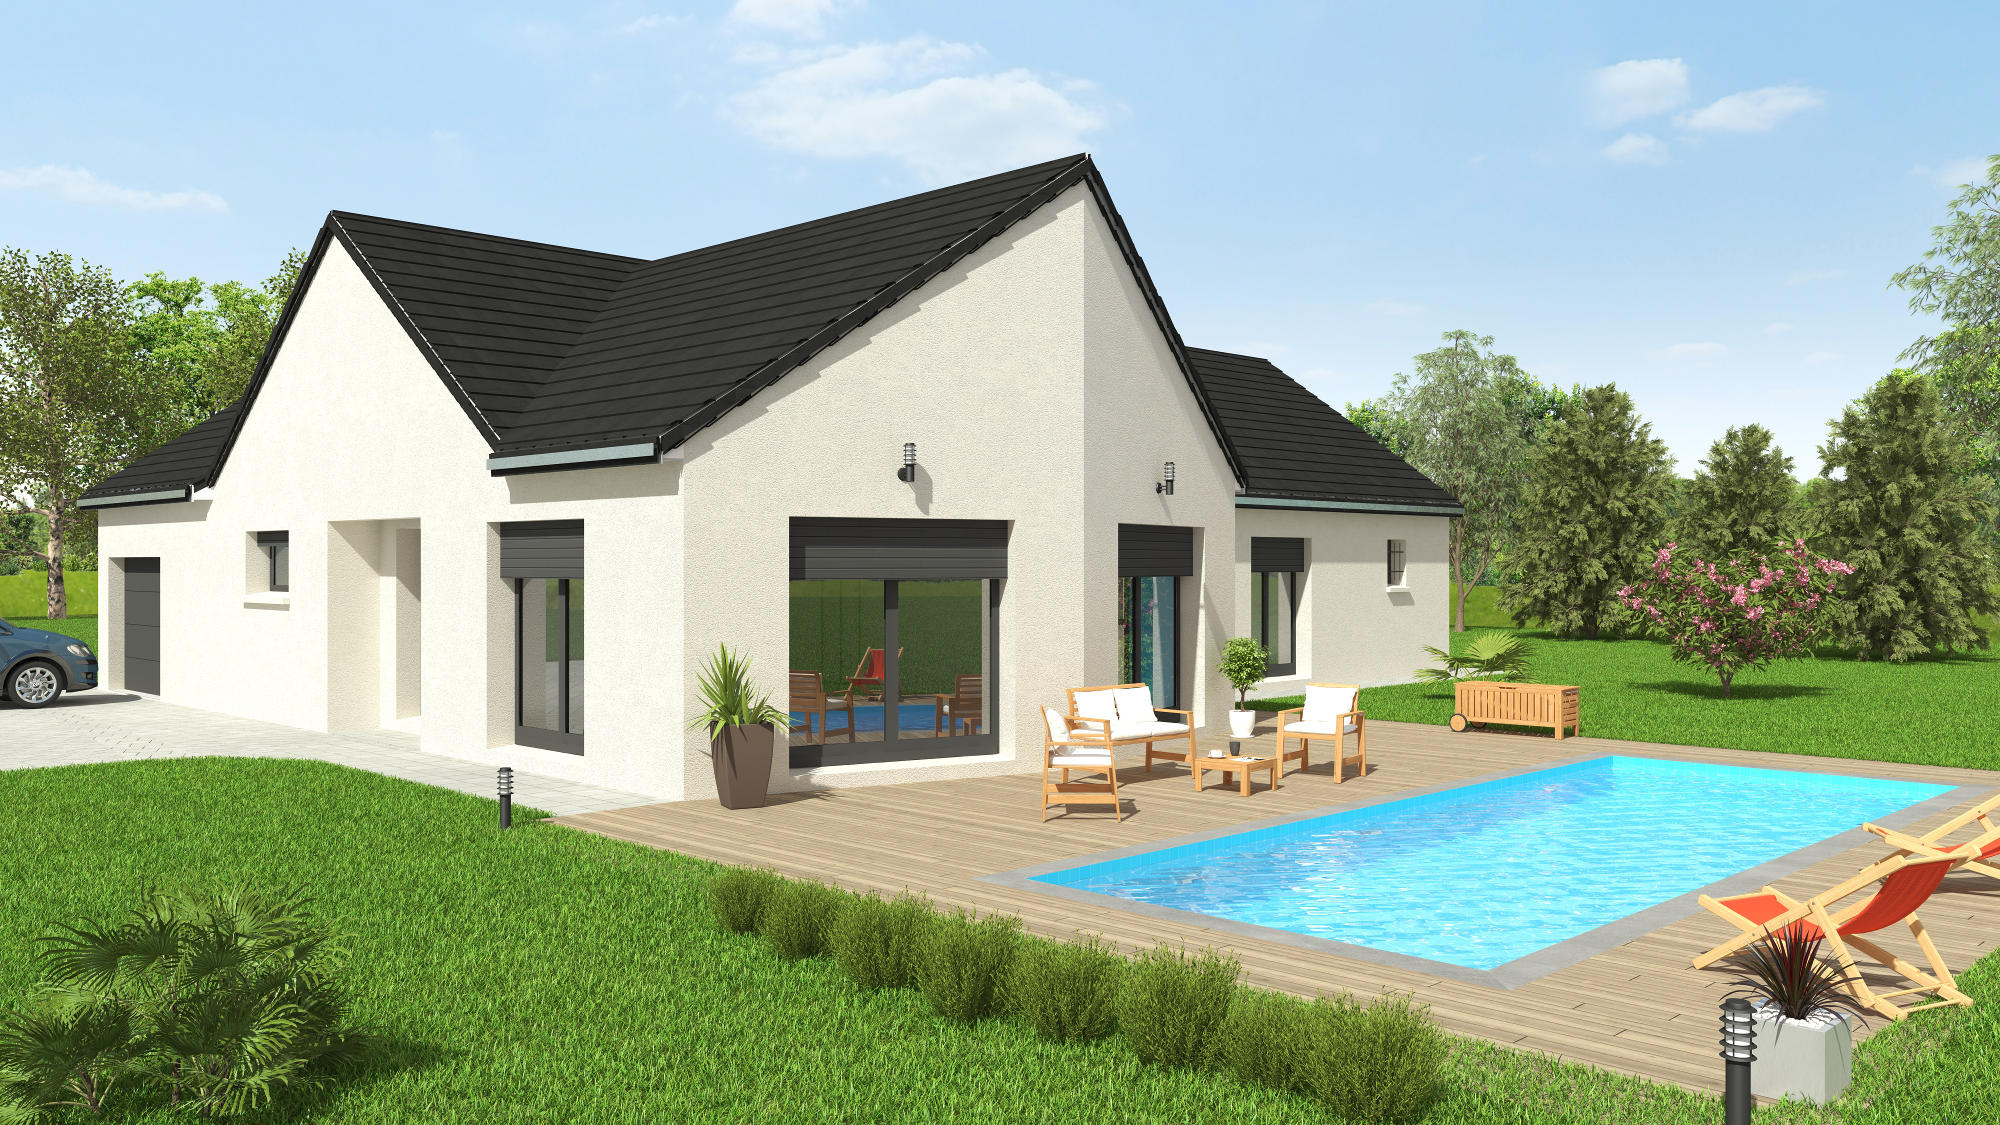 Plan de maison neuve avec architecture personnalisée par Bourgogne Bâtir constructeur de maison neuve individuelle en Bourgogne